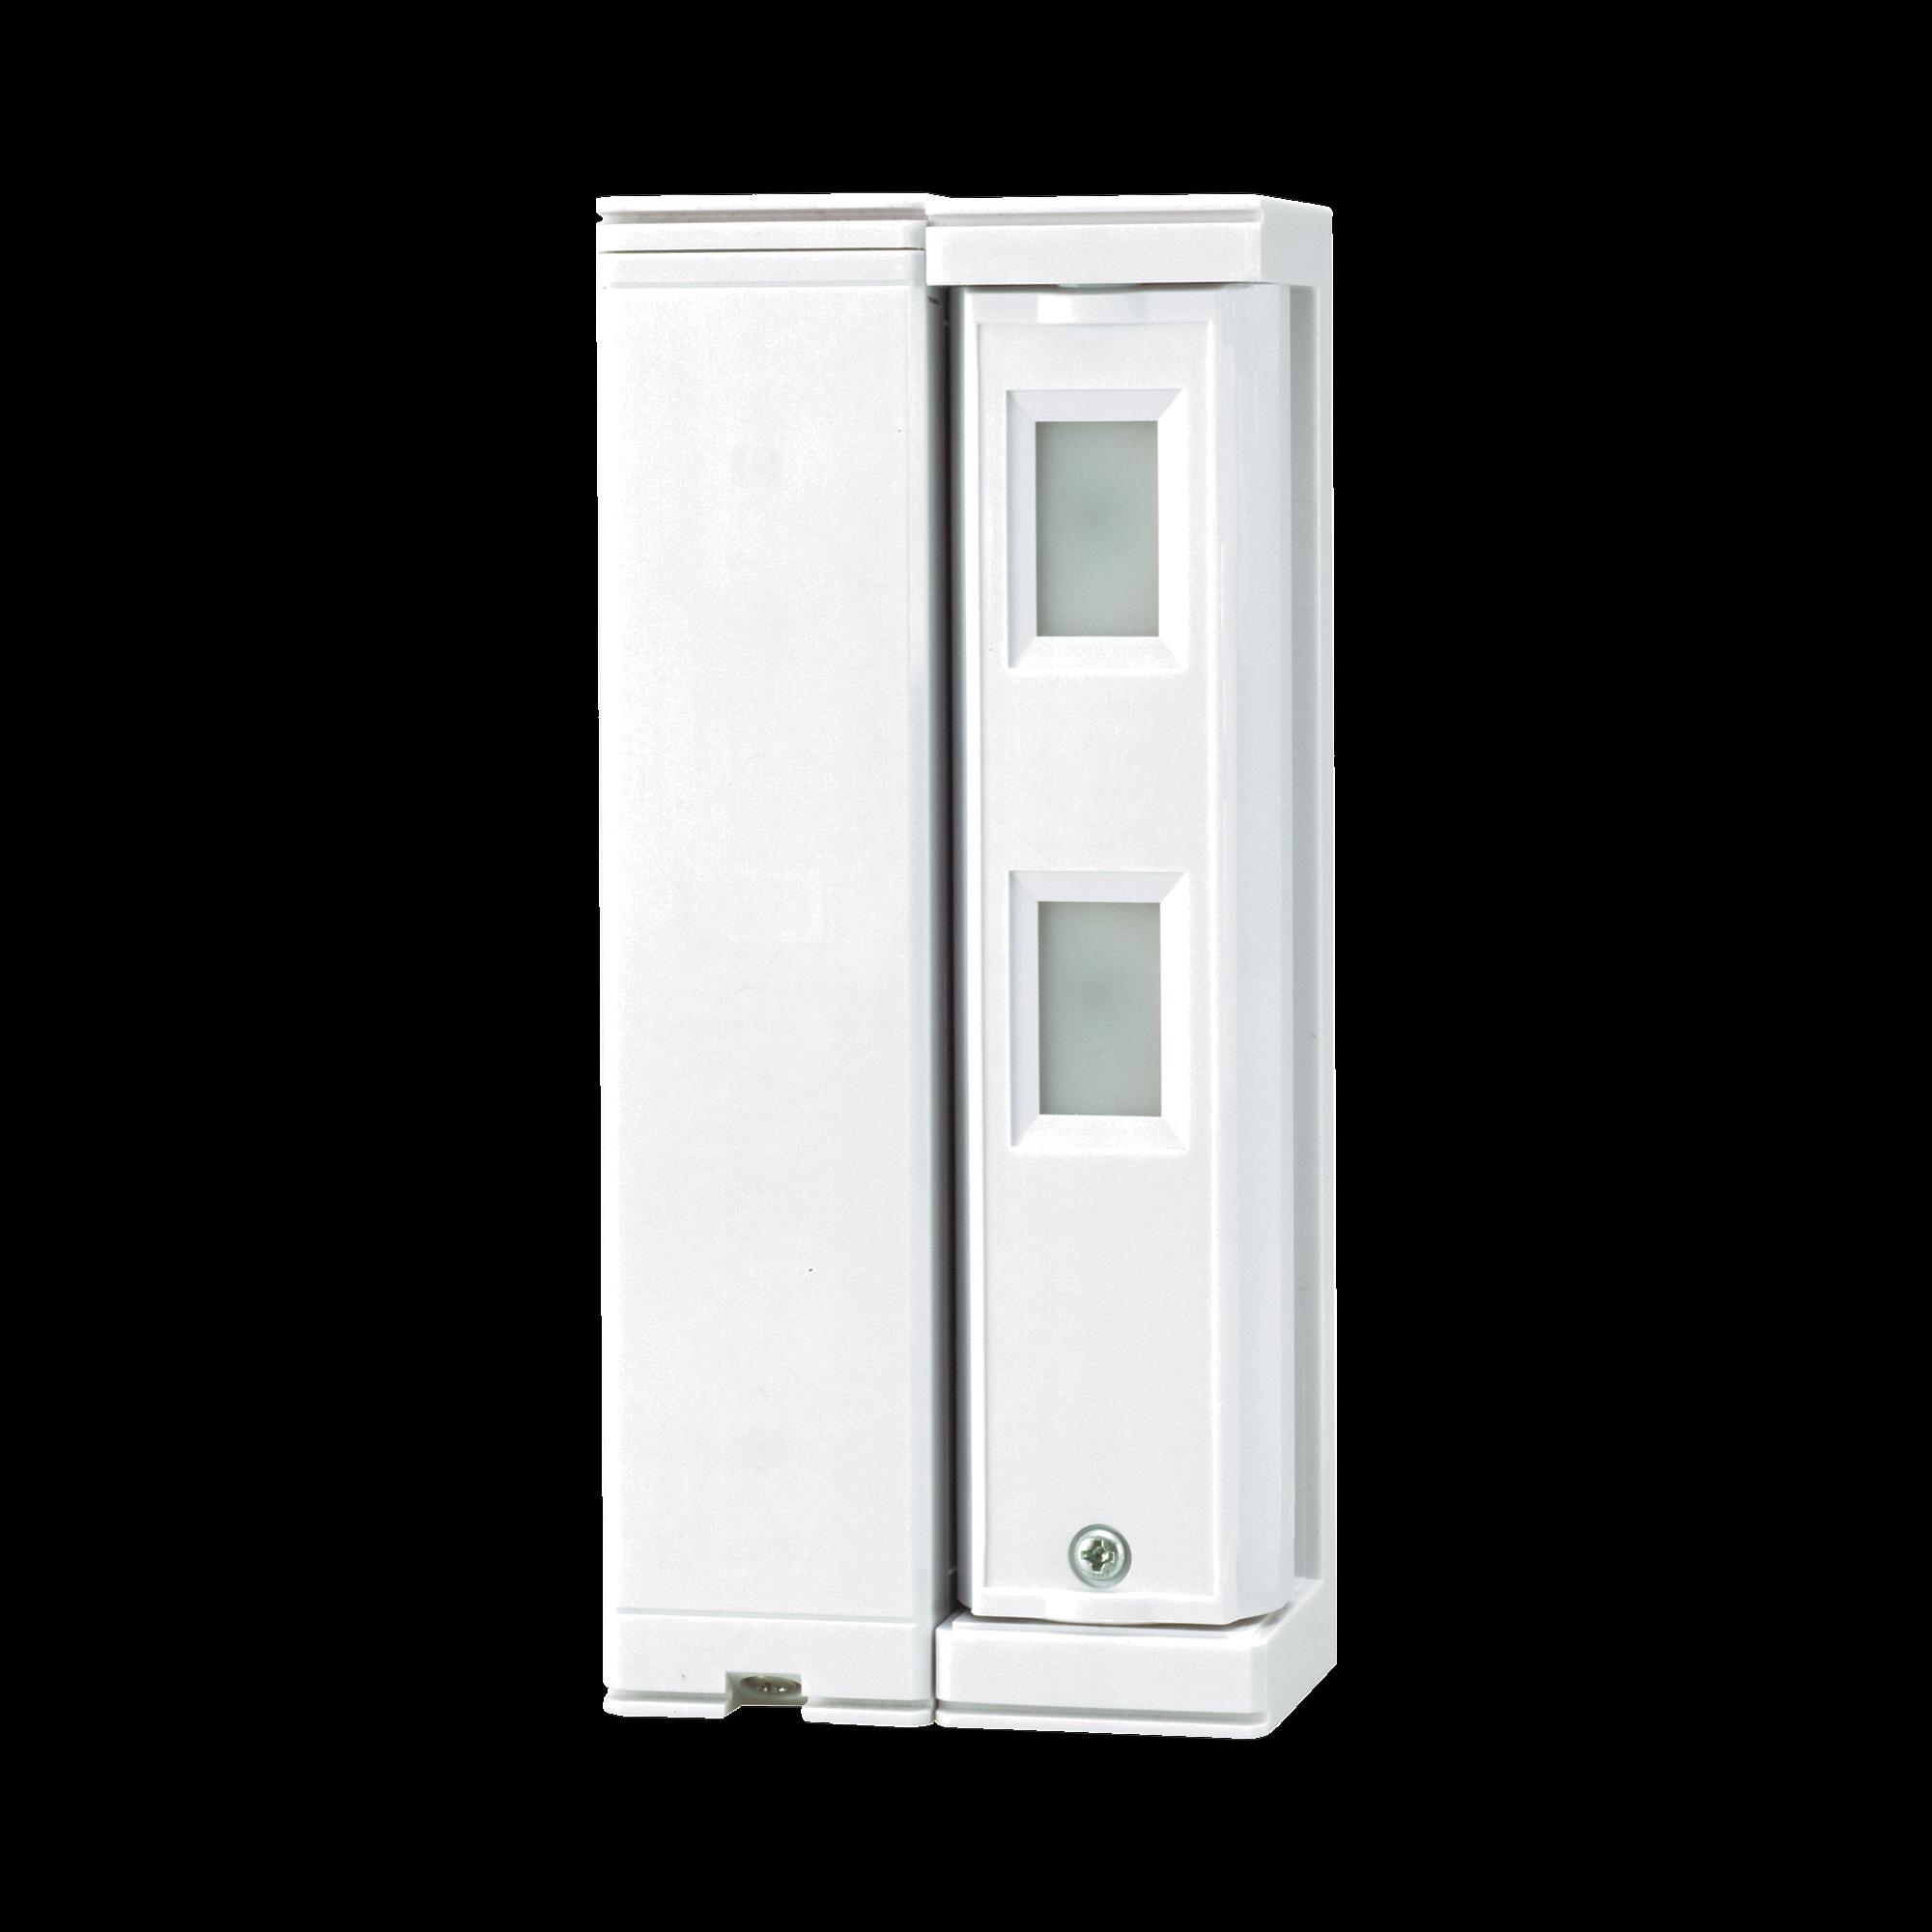 Sensor de Movimiento / Tipo Cortina / Ajuste de detección 2m o 5m / 100% Exterior / Inalambrico (Alimentación)/Compatible con cualquier panel de alarma / Proteja fachadas, puertas, ventanas, balcones y mas!